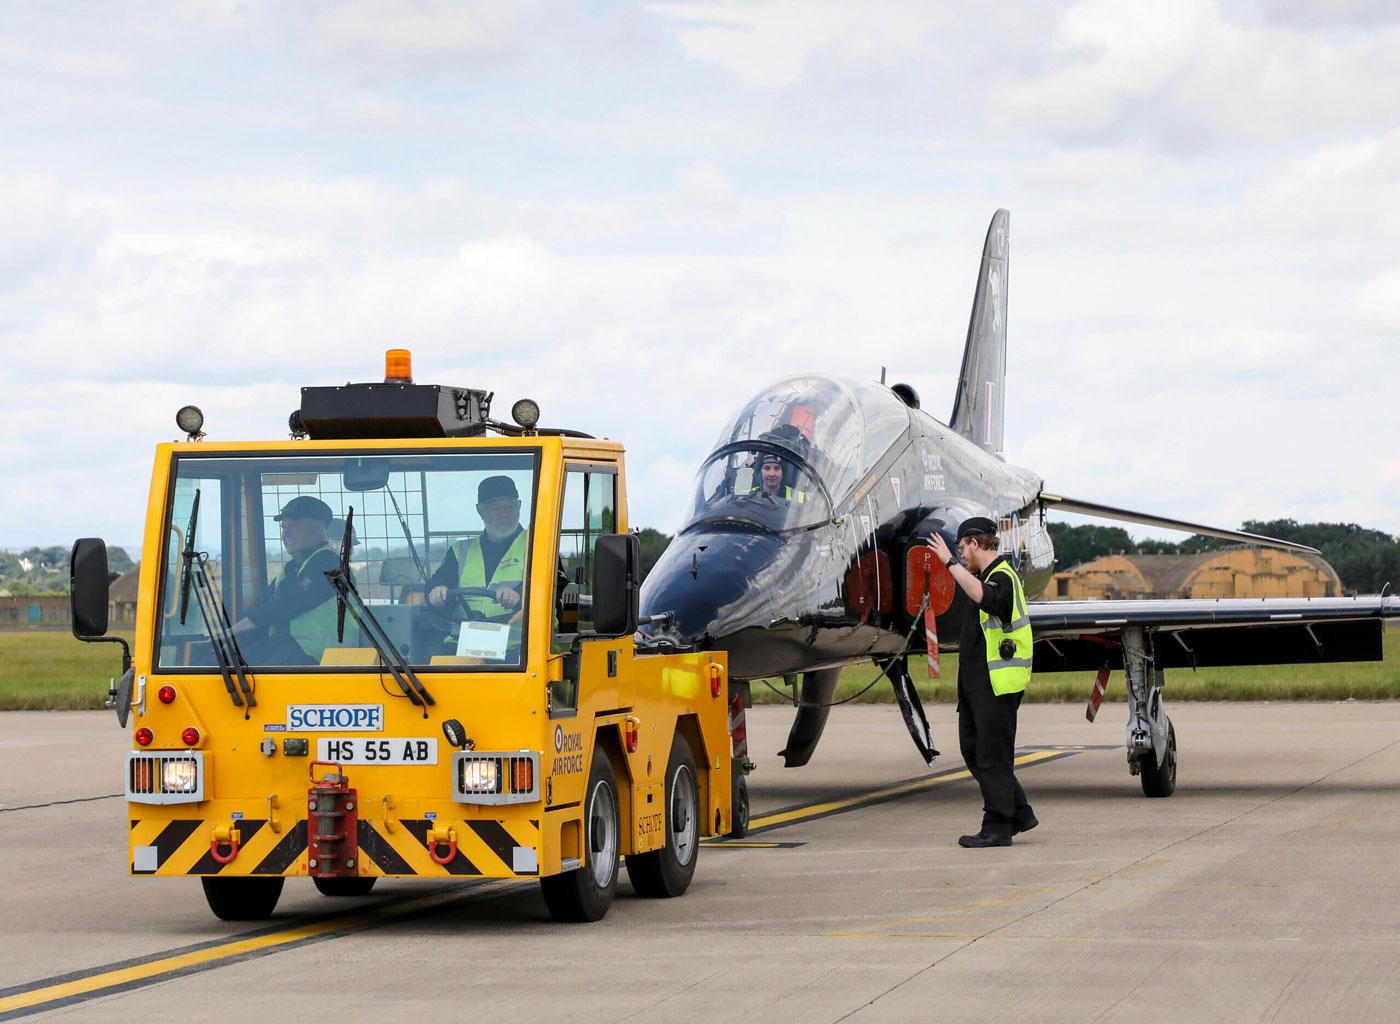 Des véhicules aéroportuaires à hydrogène au Royaume-Uni